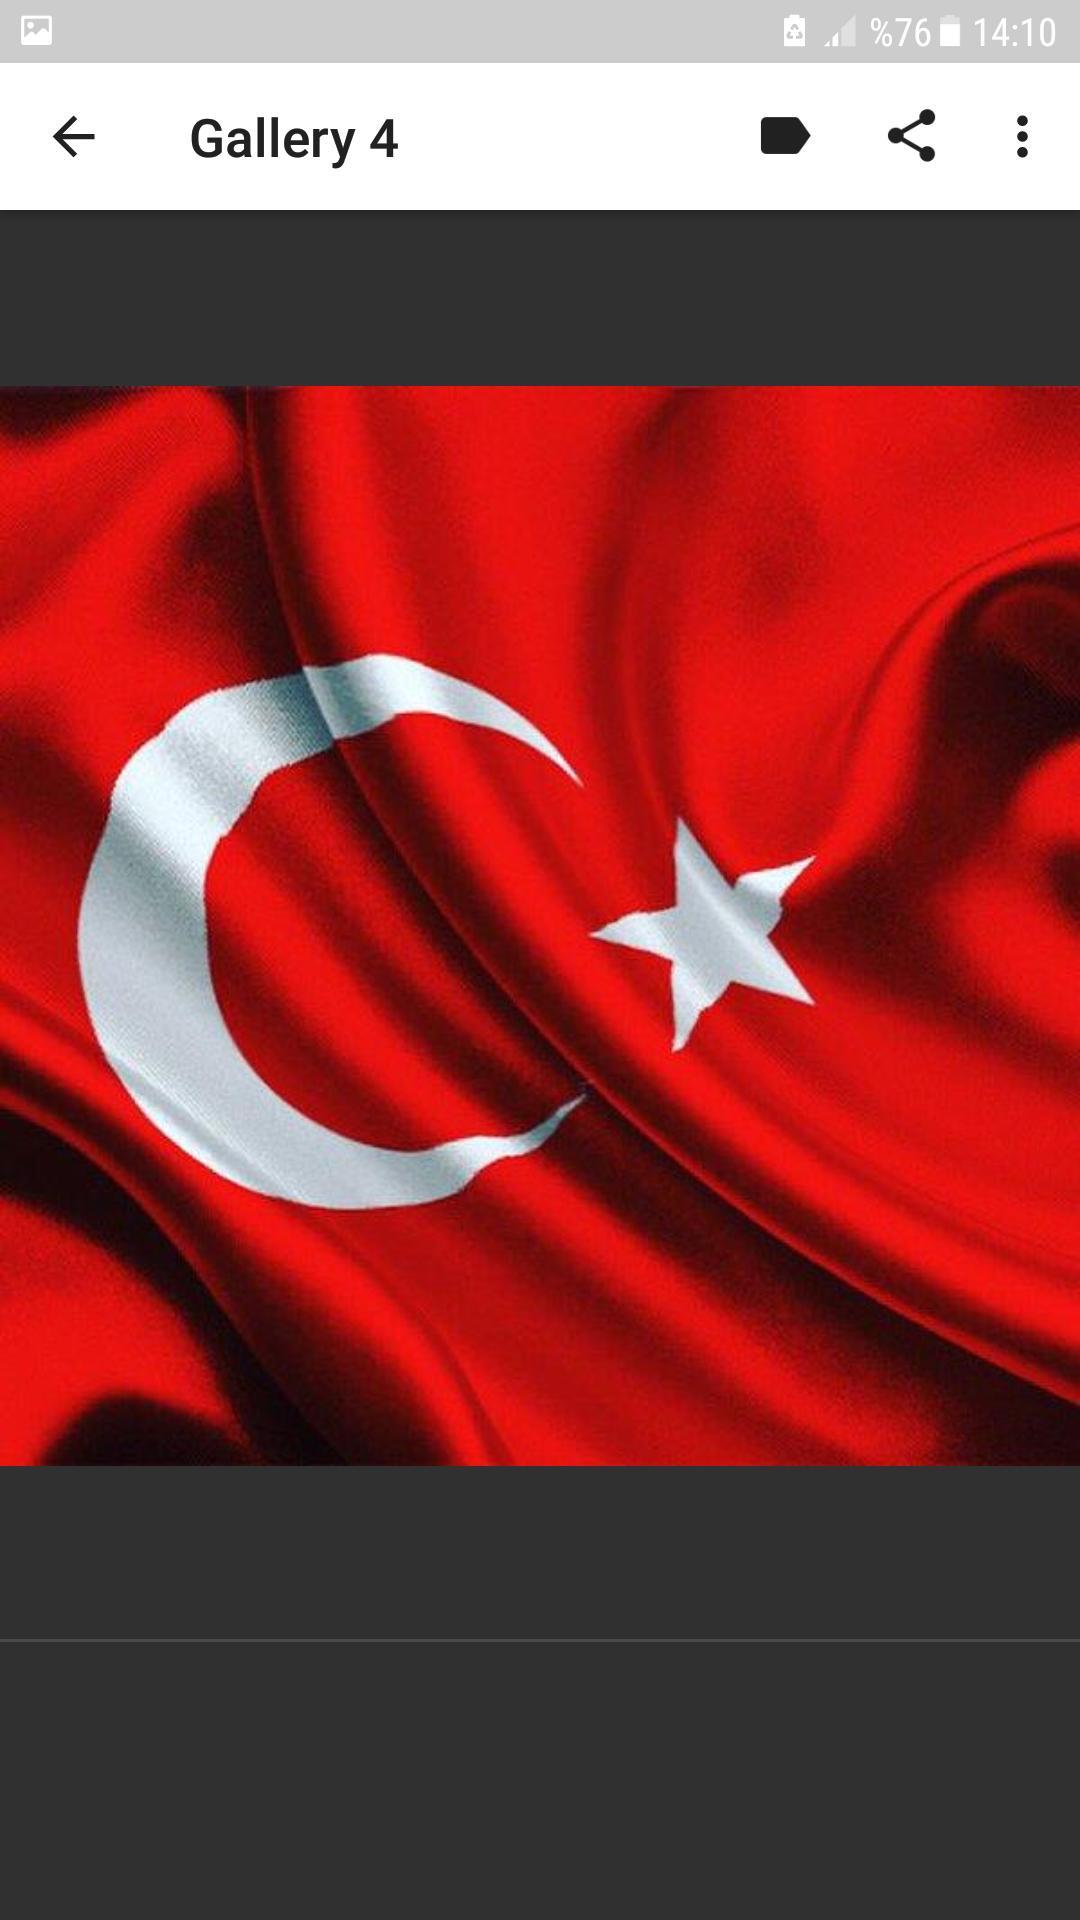 Türk Bayrak Hd Duvar Kağıtları For Android Apk Download